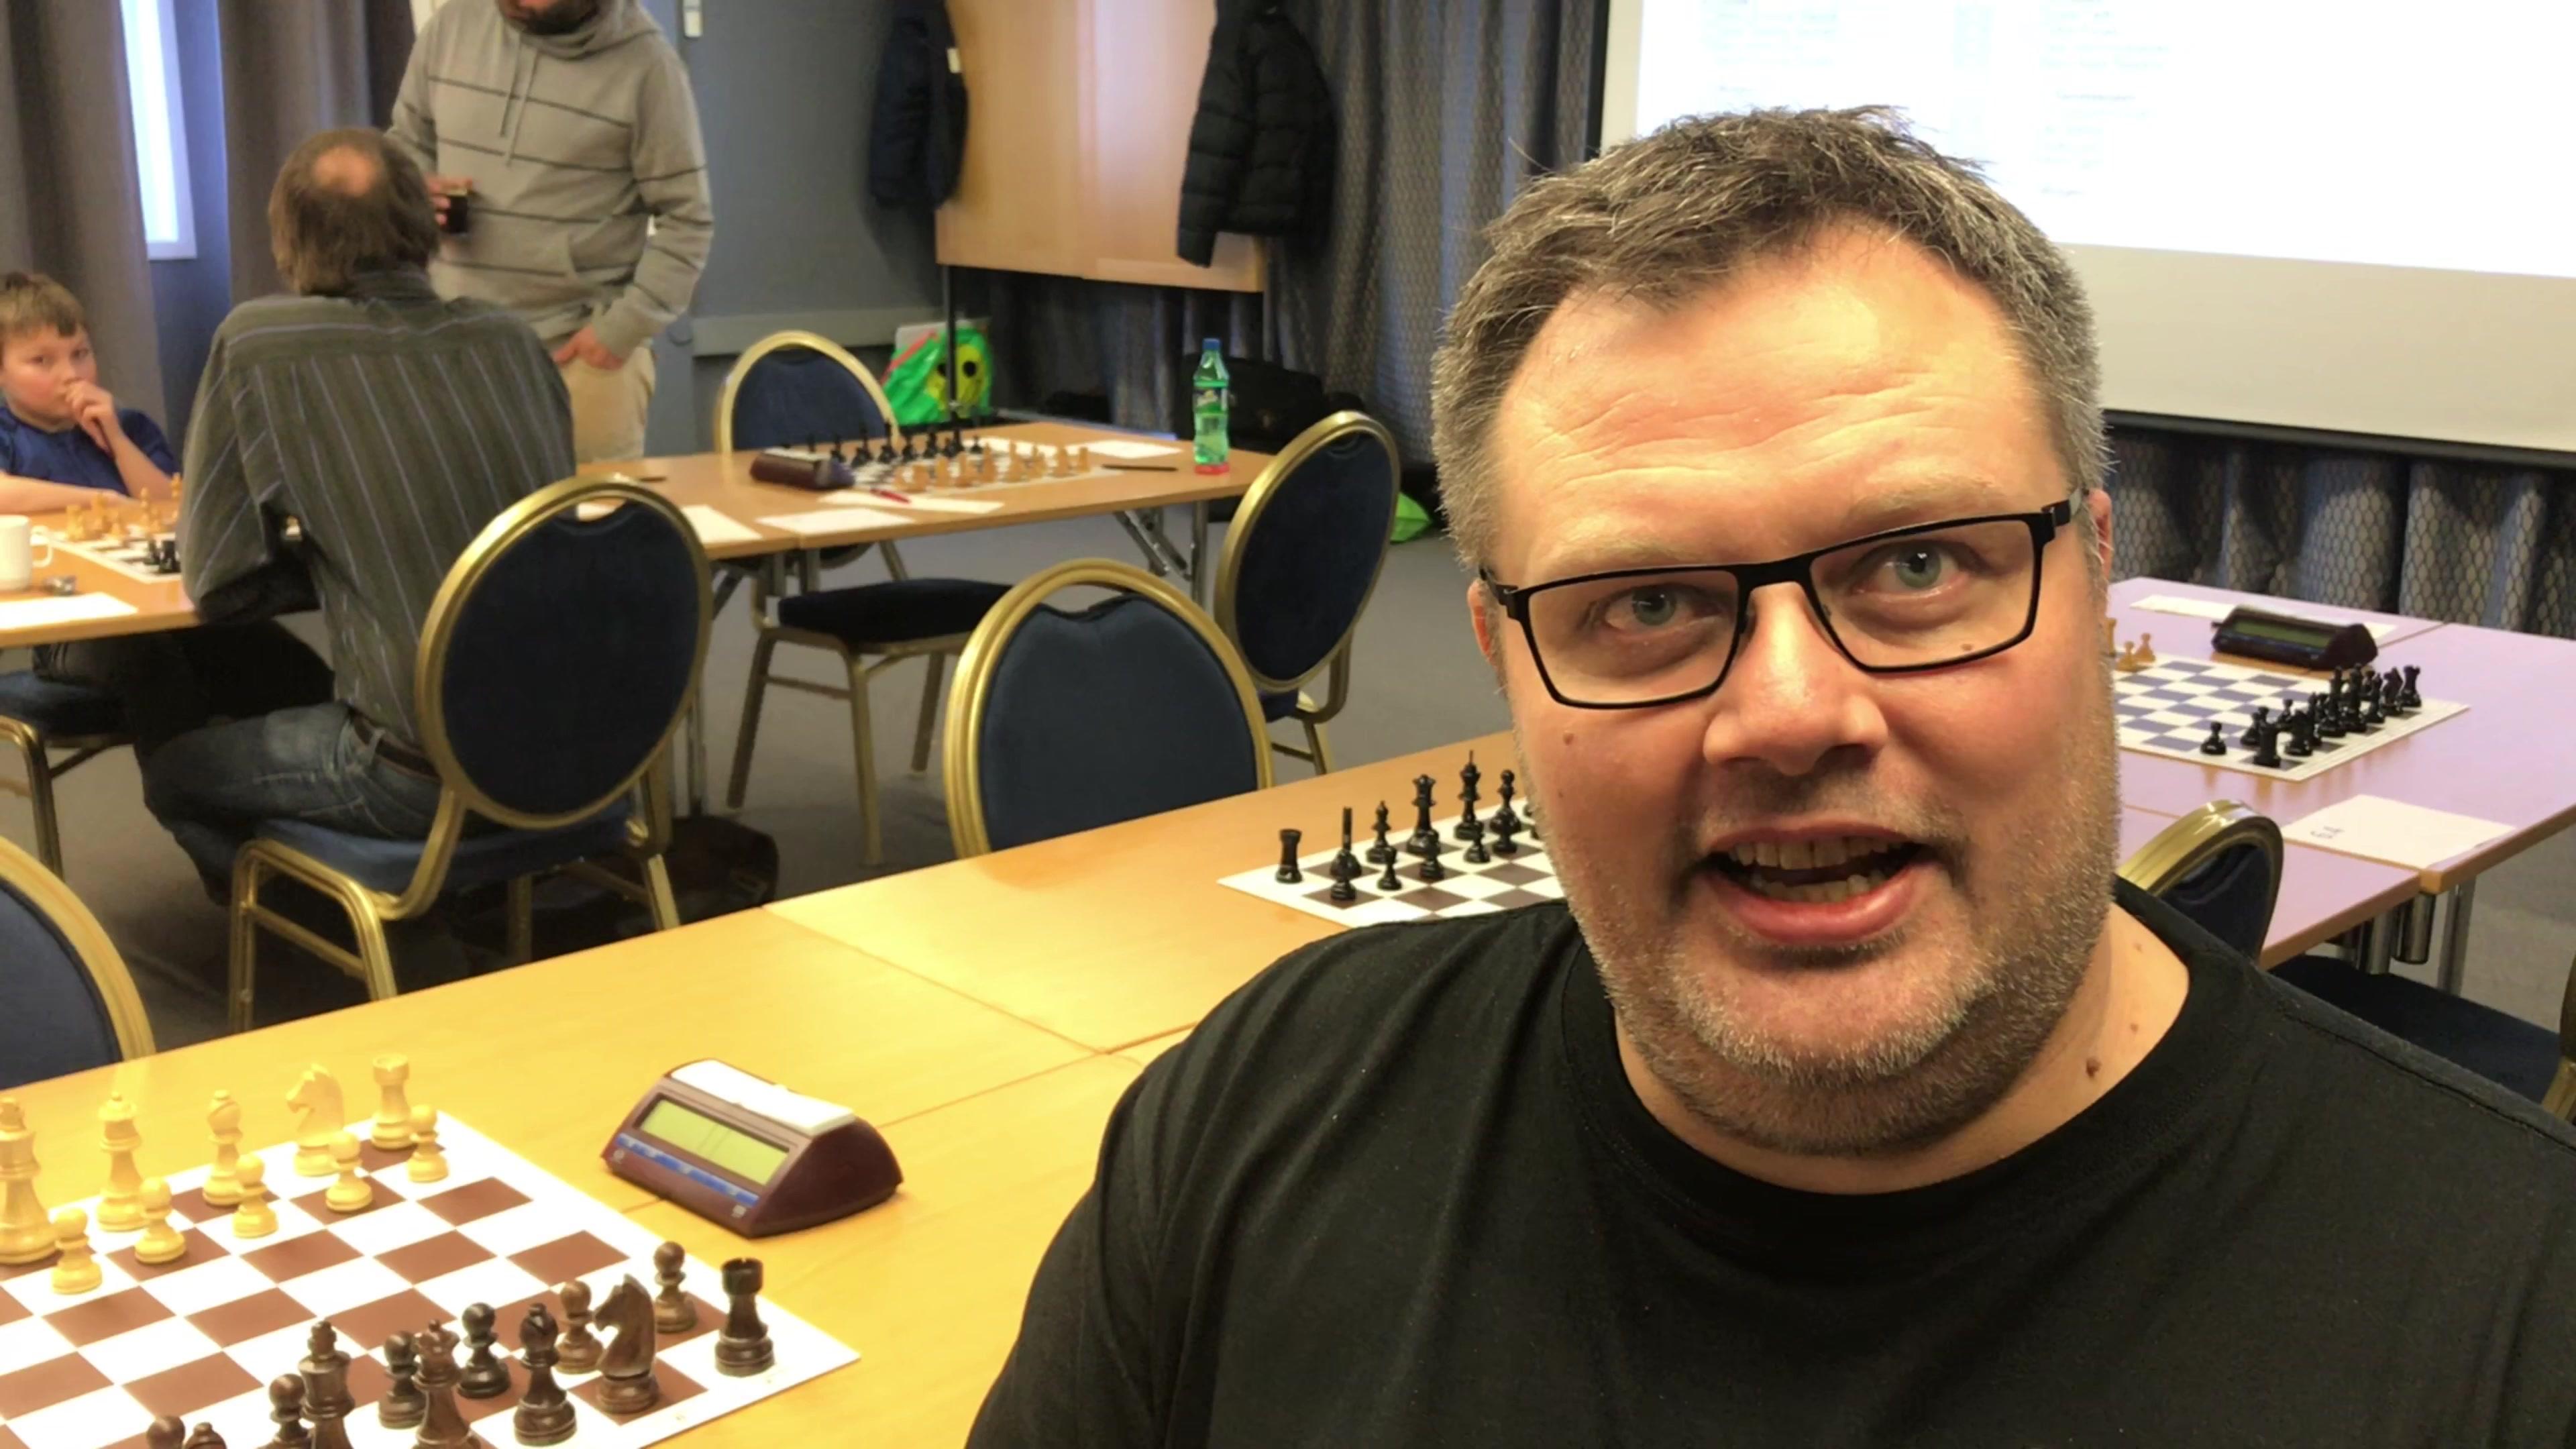 Vellykket sjakkmesterskap på Fauske